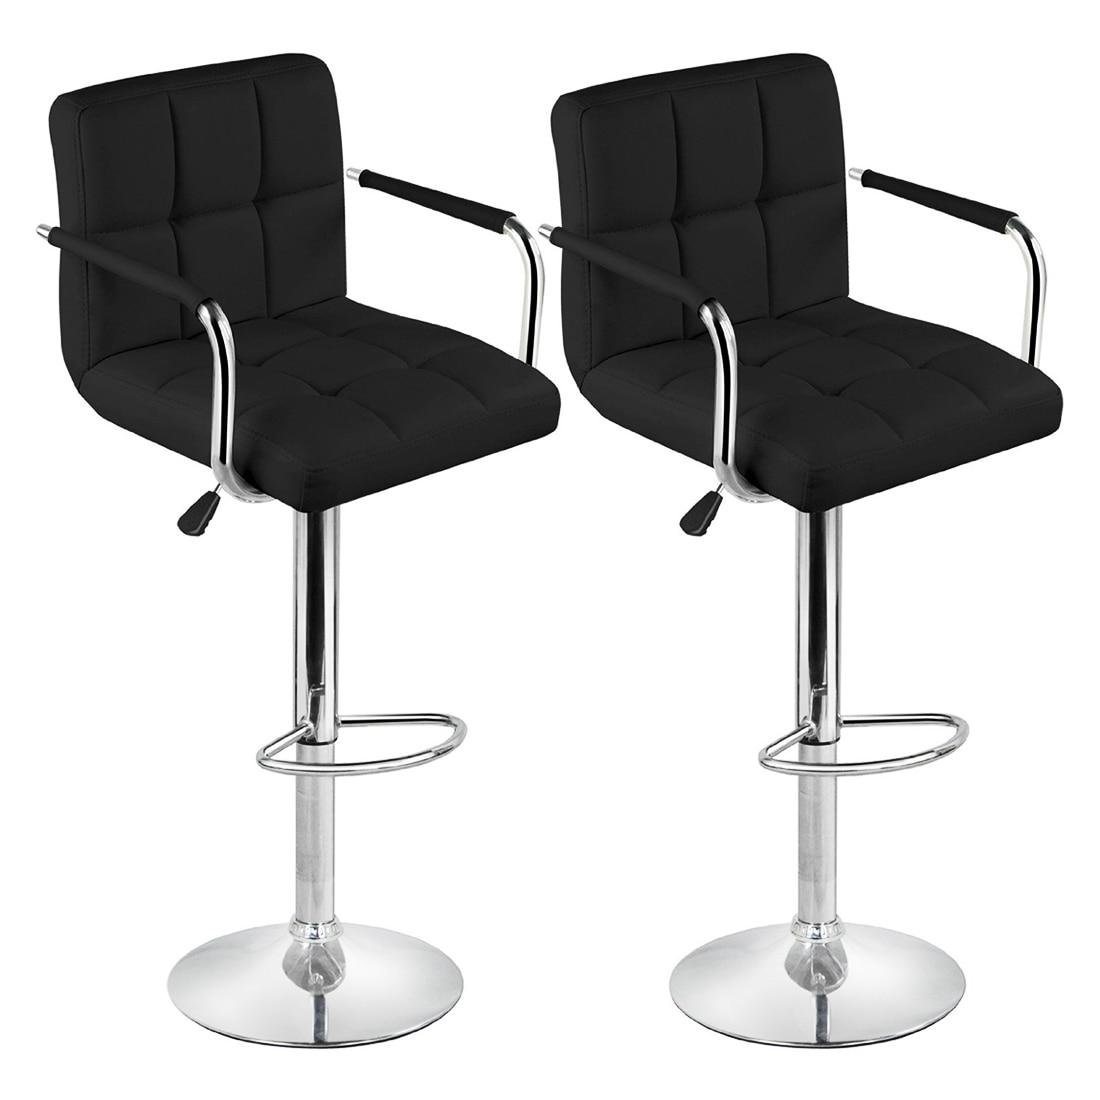 כיסאות בר פשוט לקנות באלי אקספרס בעברית זיפי